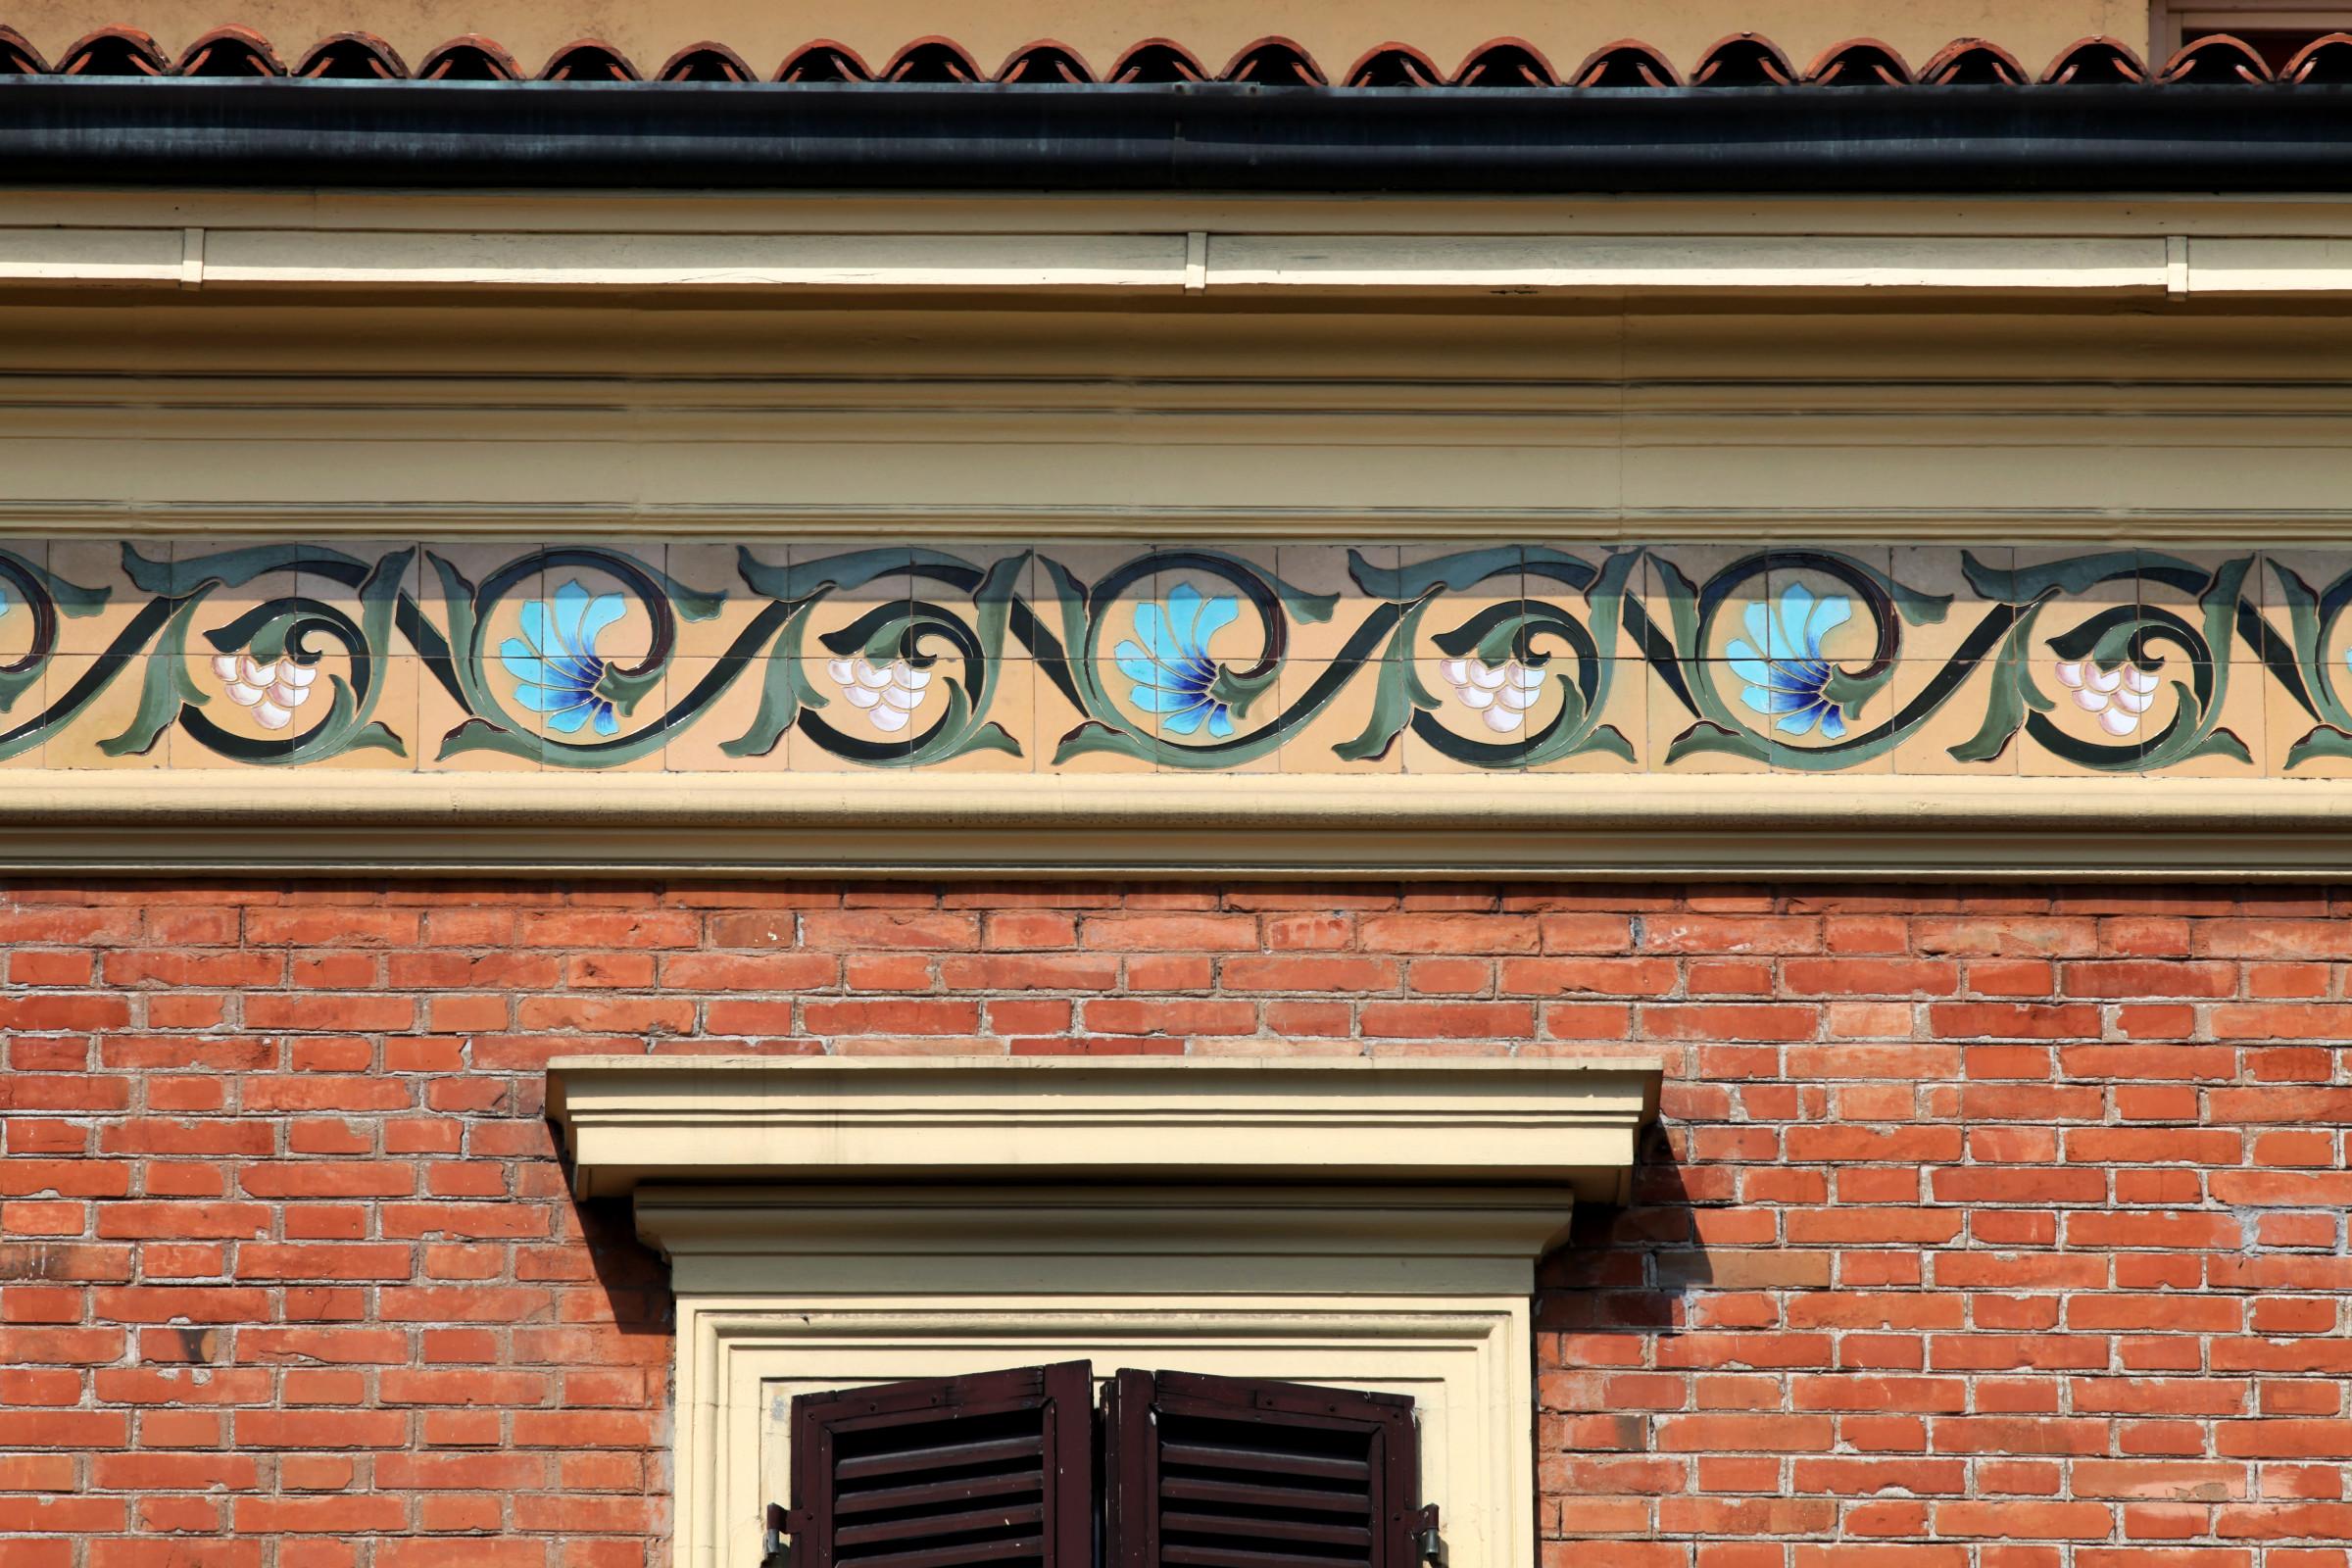 Bologna. Itinerario dell'architettura Liberty. Villa in viale Carducci 13/2, detta Casa dei Girasoli.